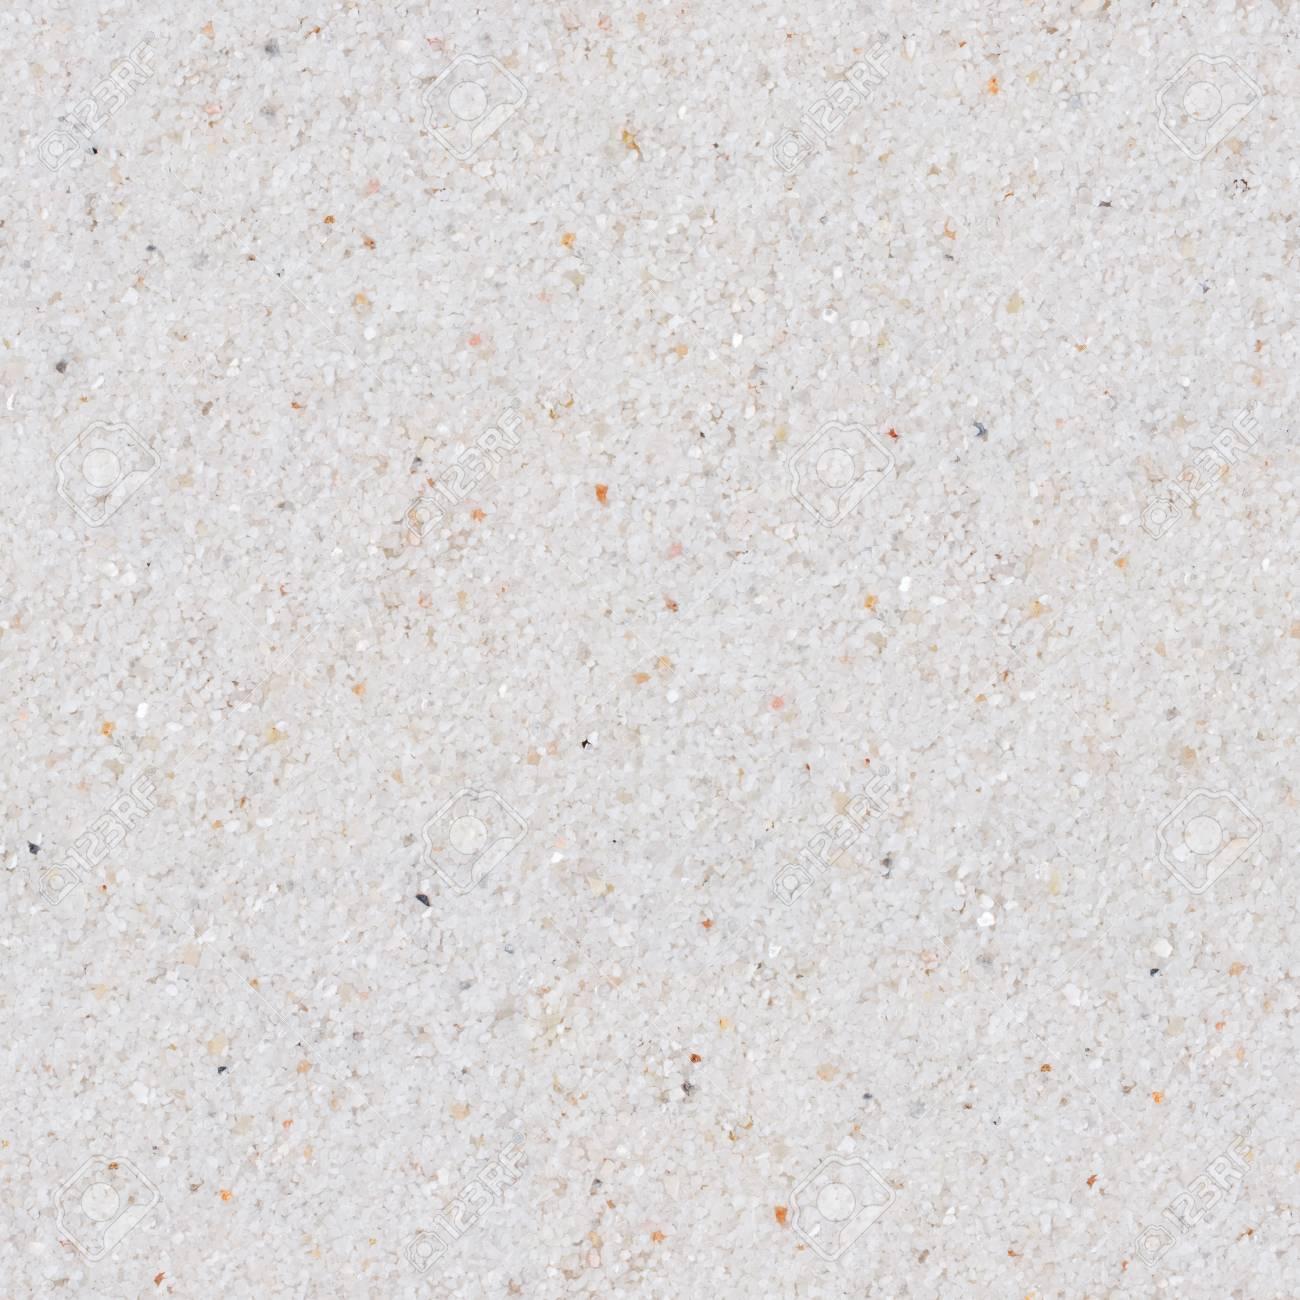 White Sand Seamless Square Texture Tile Ready Stock Photo